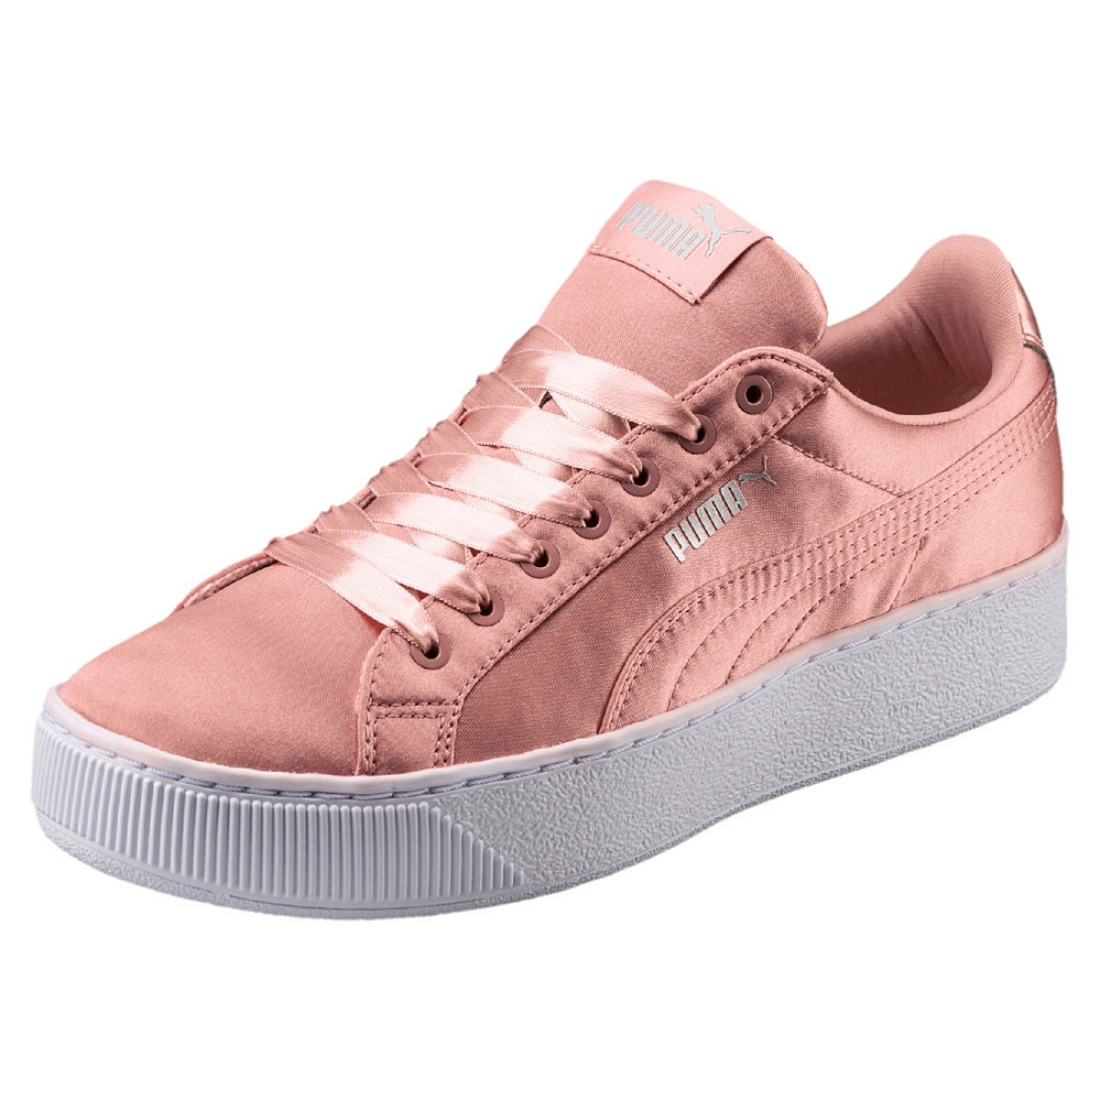 Details zu PUMA Vikky Platform Damen Sneaker Frauen Schuhe